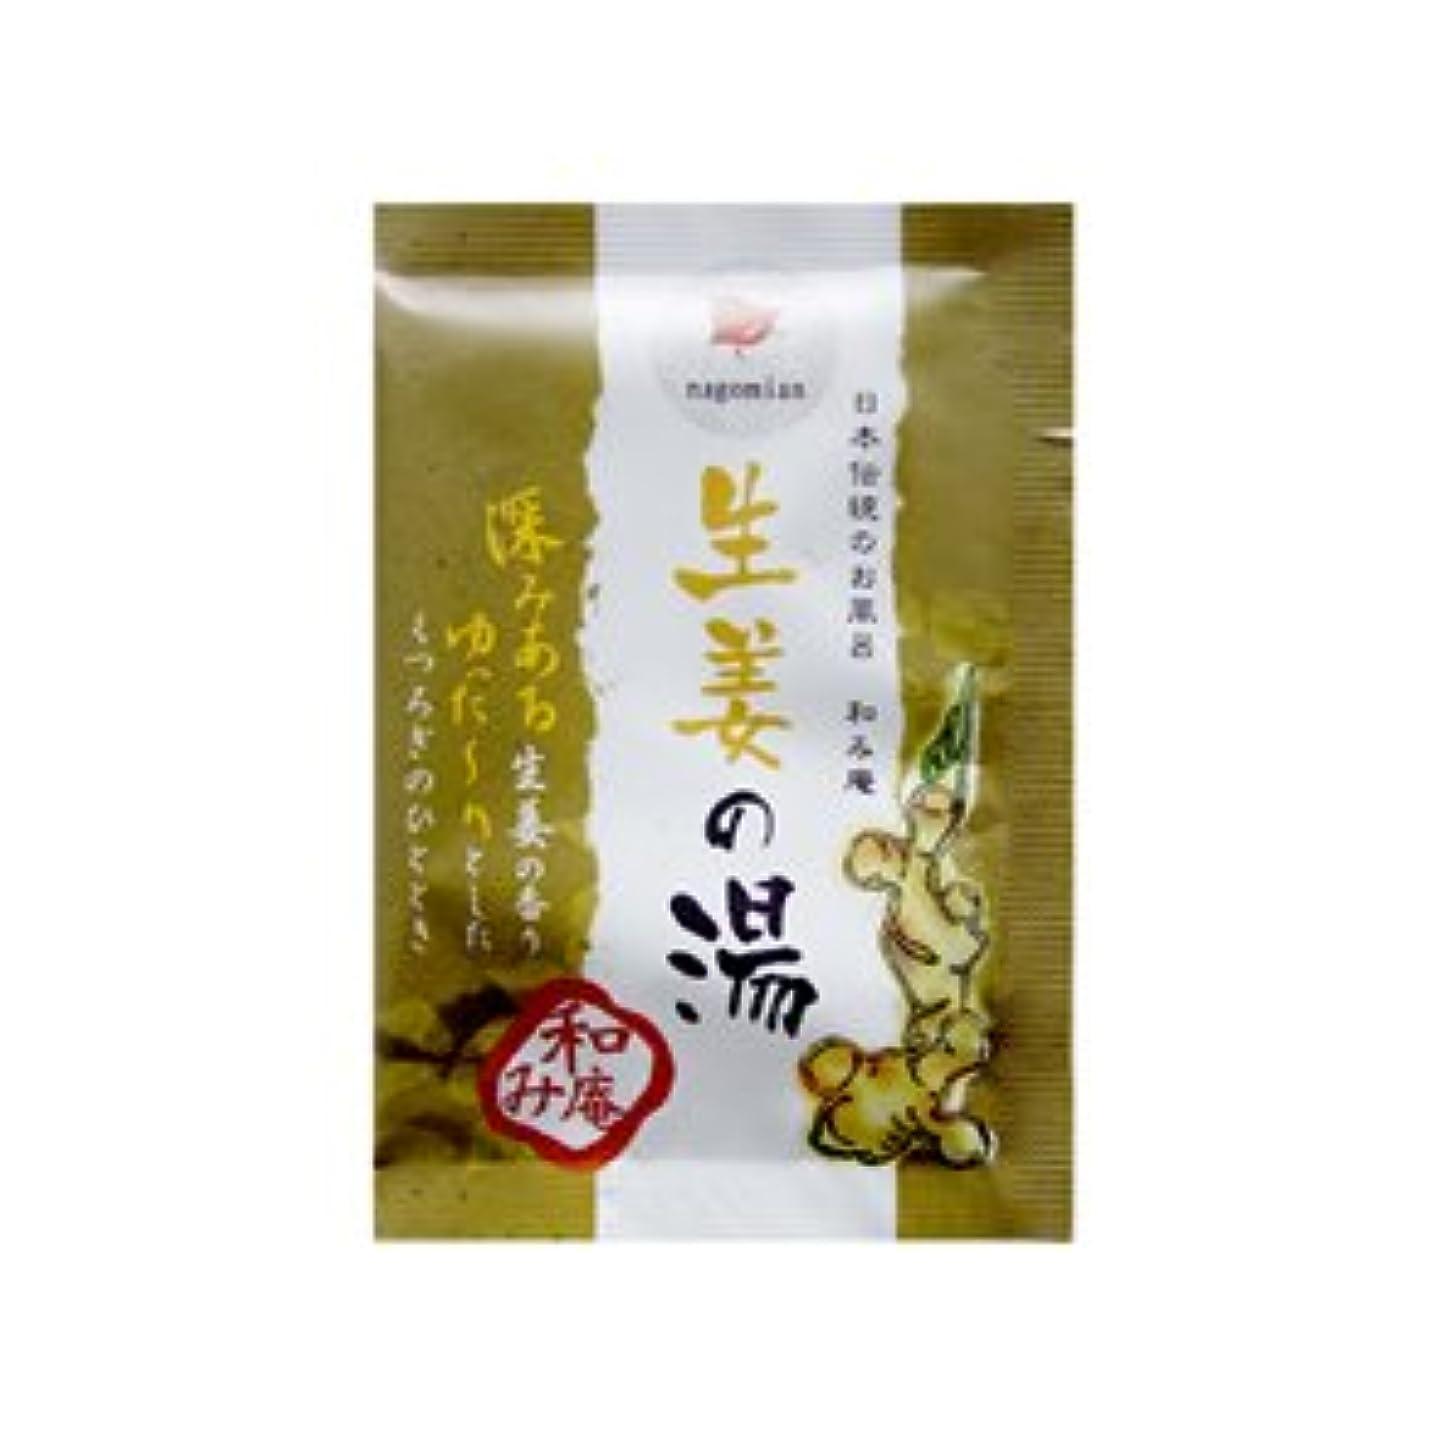 ダルセット微弱福祉日本伝統のお風呂 和み庵 生姜の湯 25g 10個セット